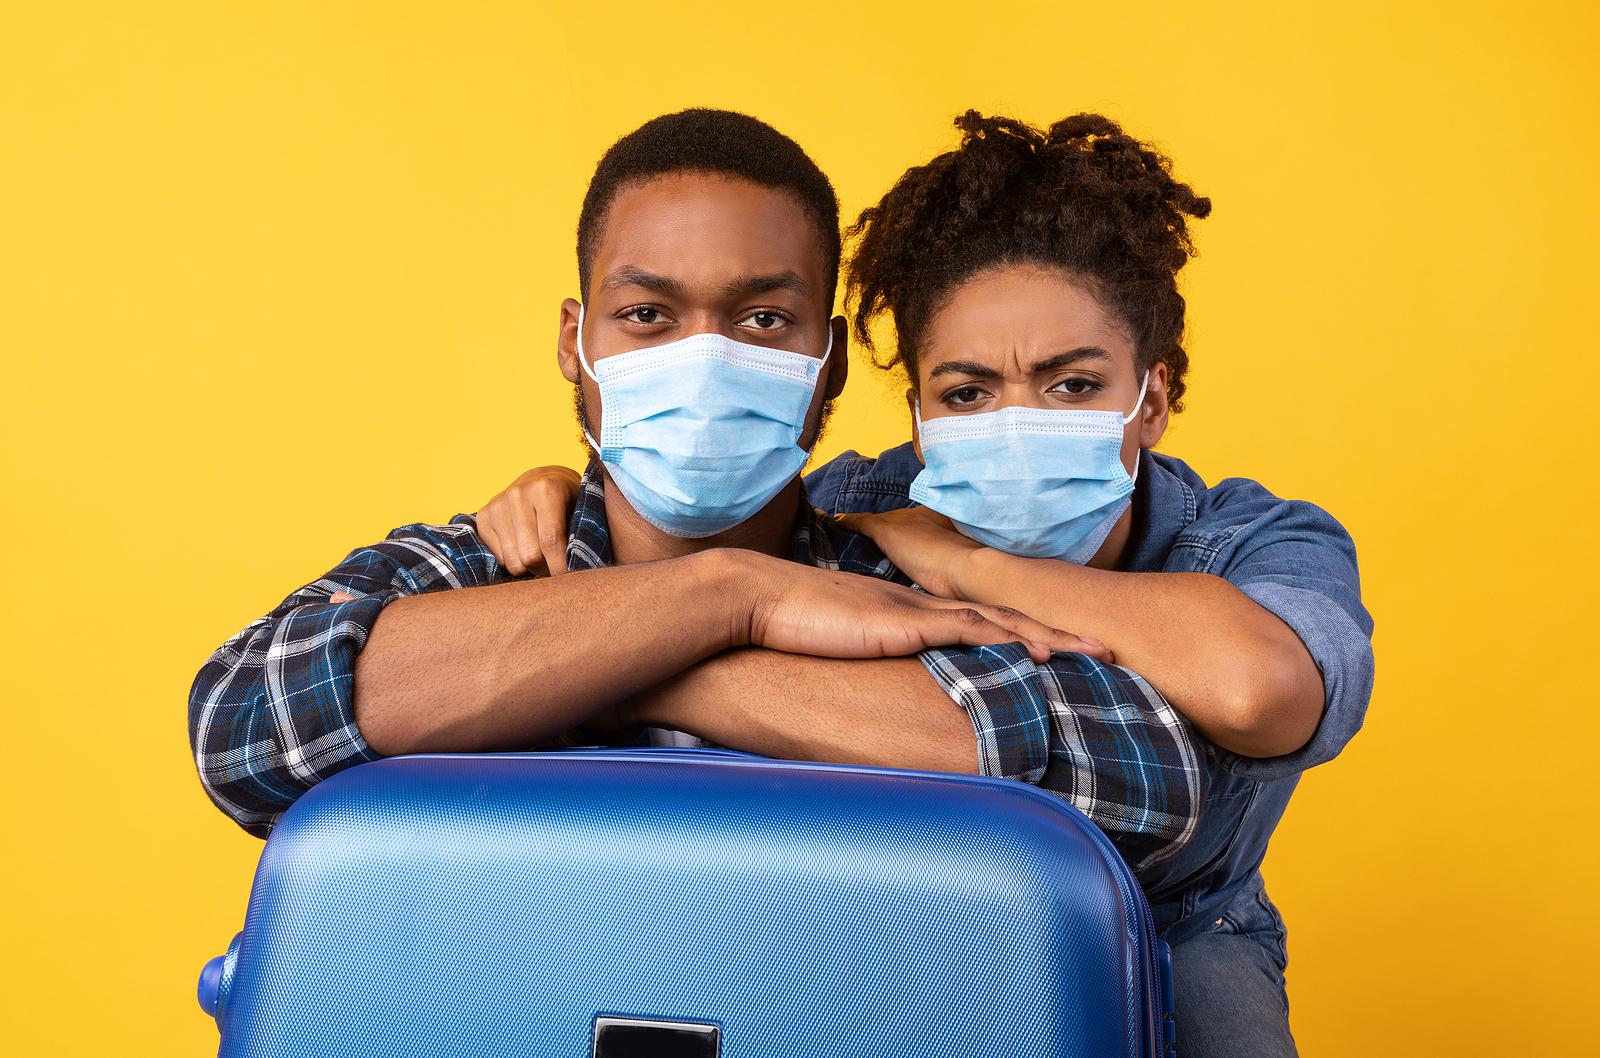 É possível viajar com segurança sem se contaminar com o novo coronavírus? A resposta para esta pergunta é muito mais complexa do que um simples sim ou não